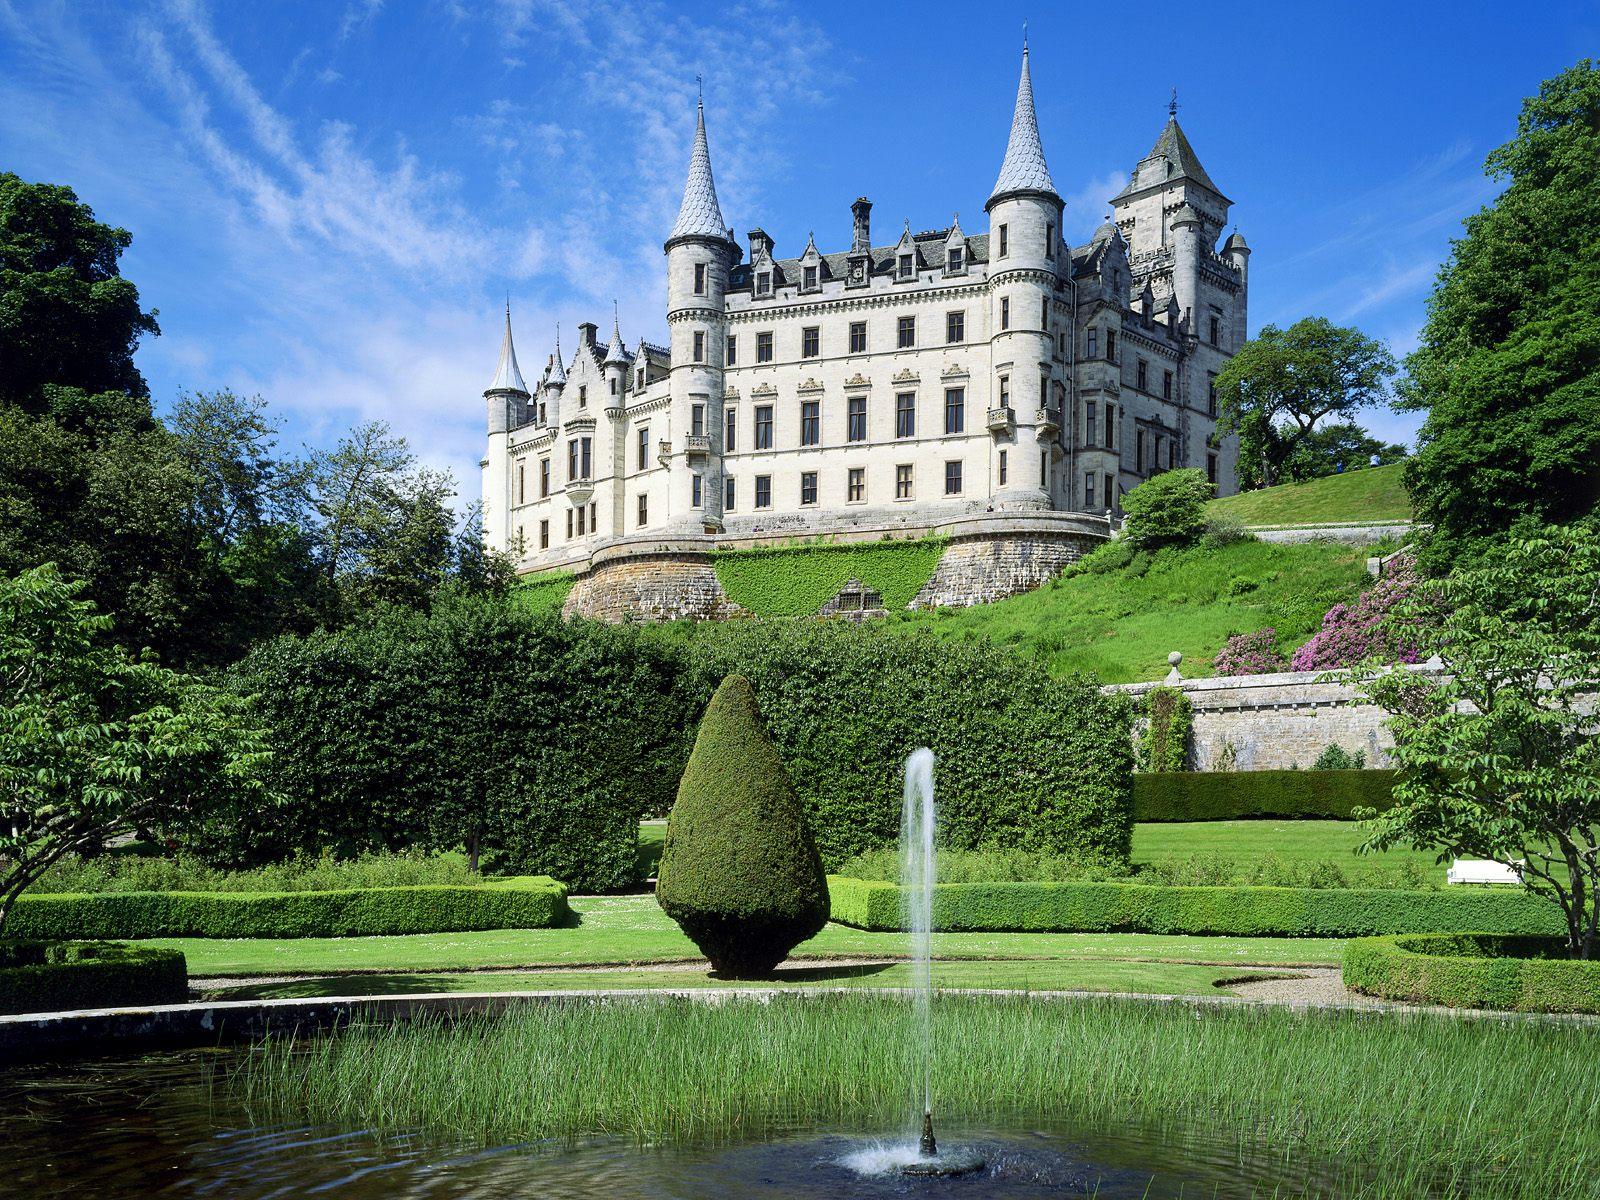 γνωριμίες σε ιστότοπους στη Σκωτία ιστότοπος γνωριμιών για συμφωνίες